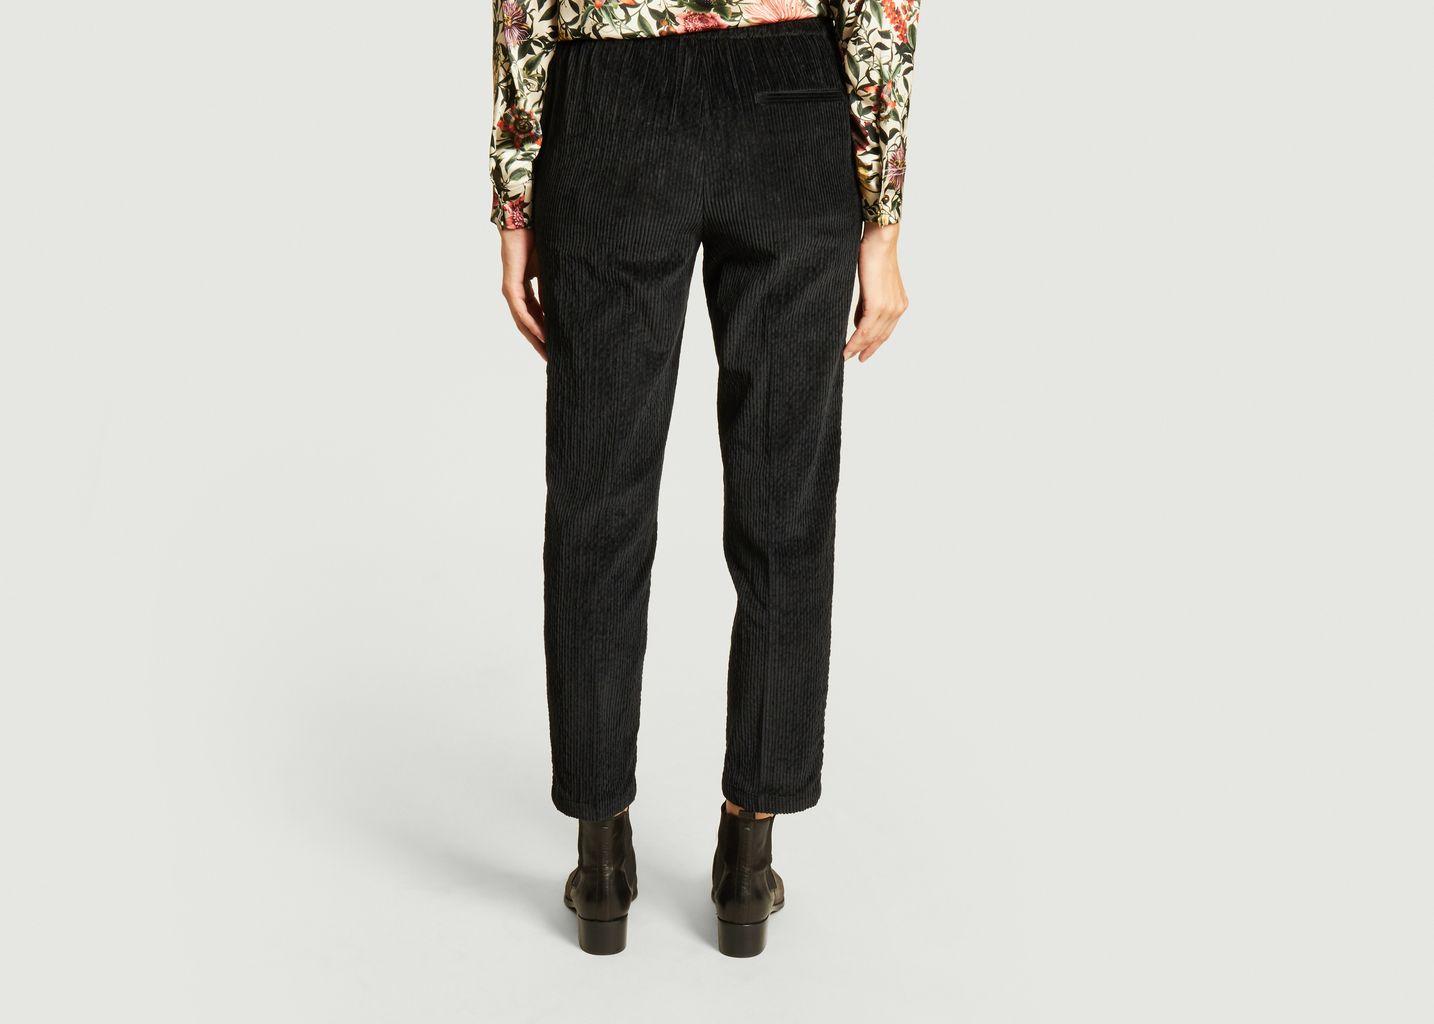 Pantalon droit 7/8e en velours côtelé Haiti - Momoni